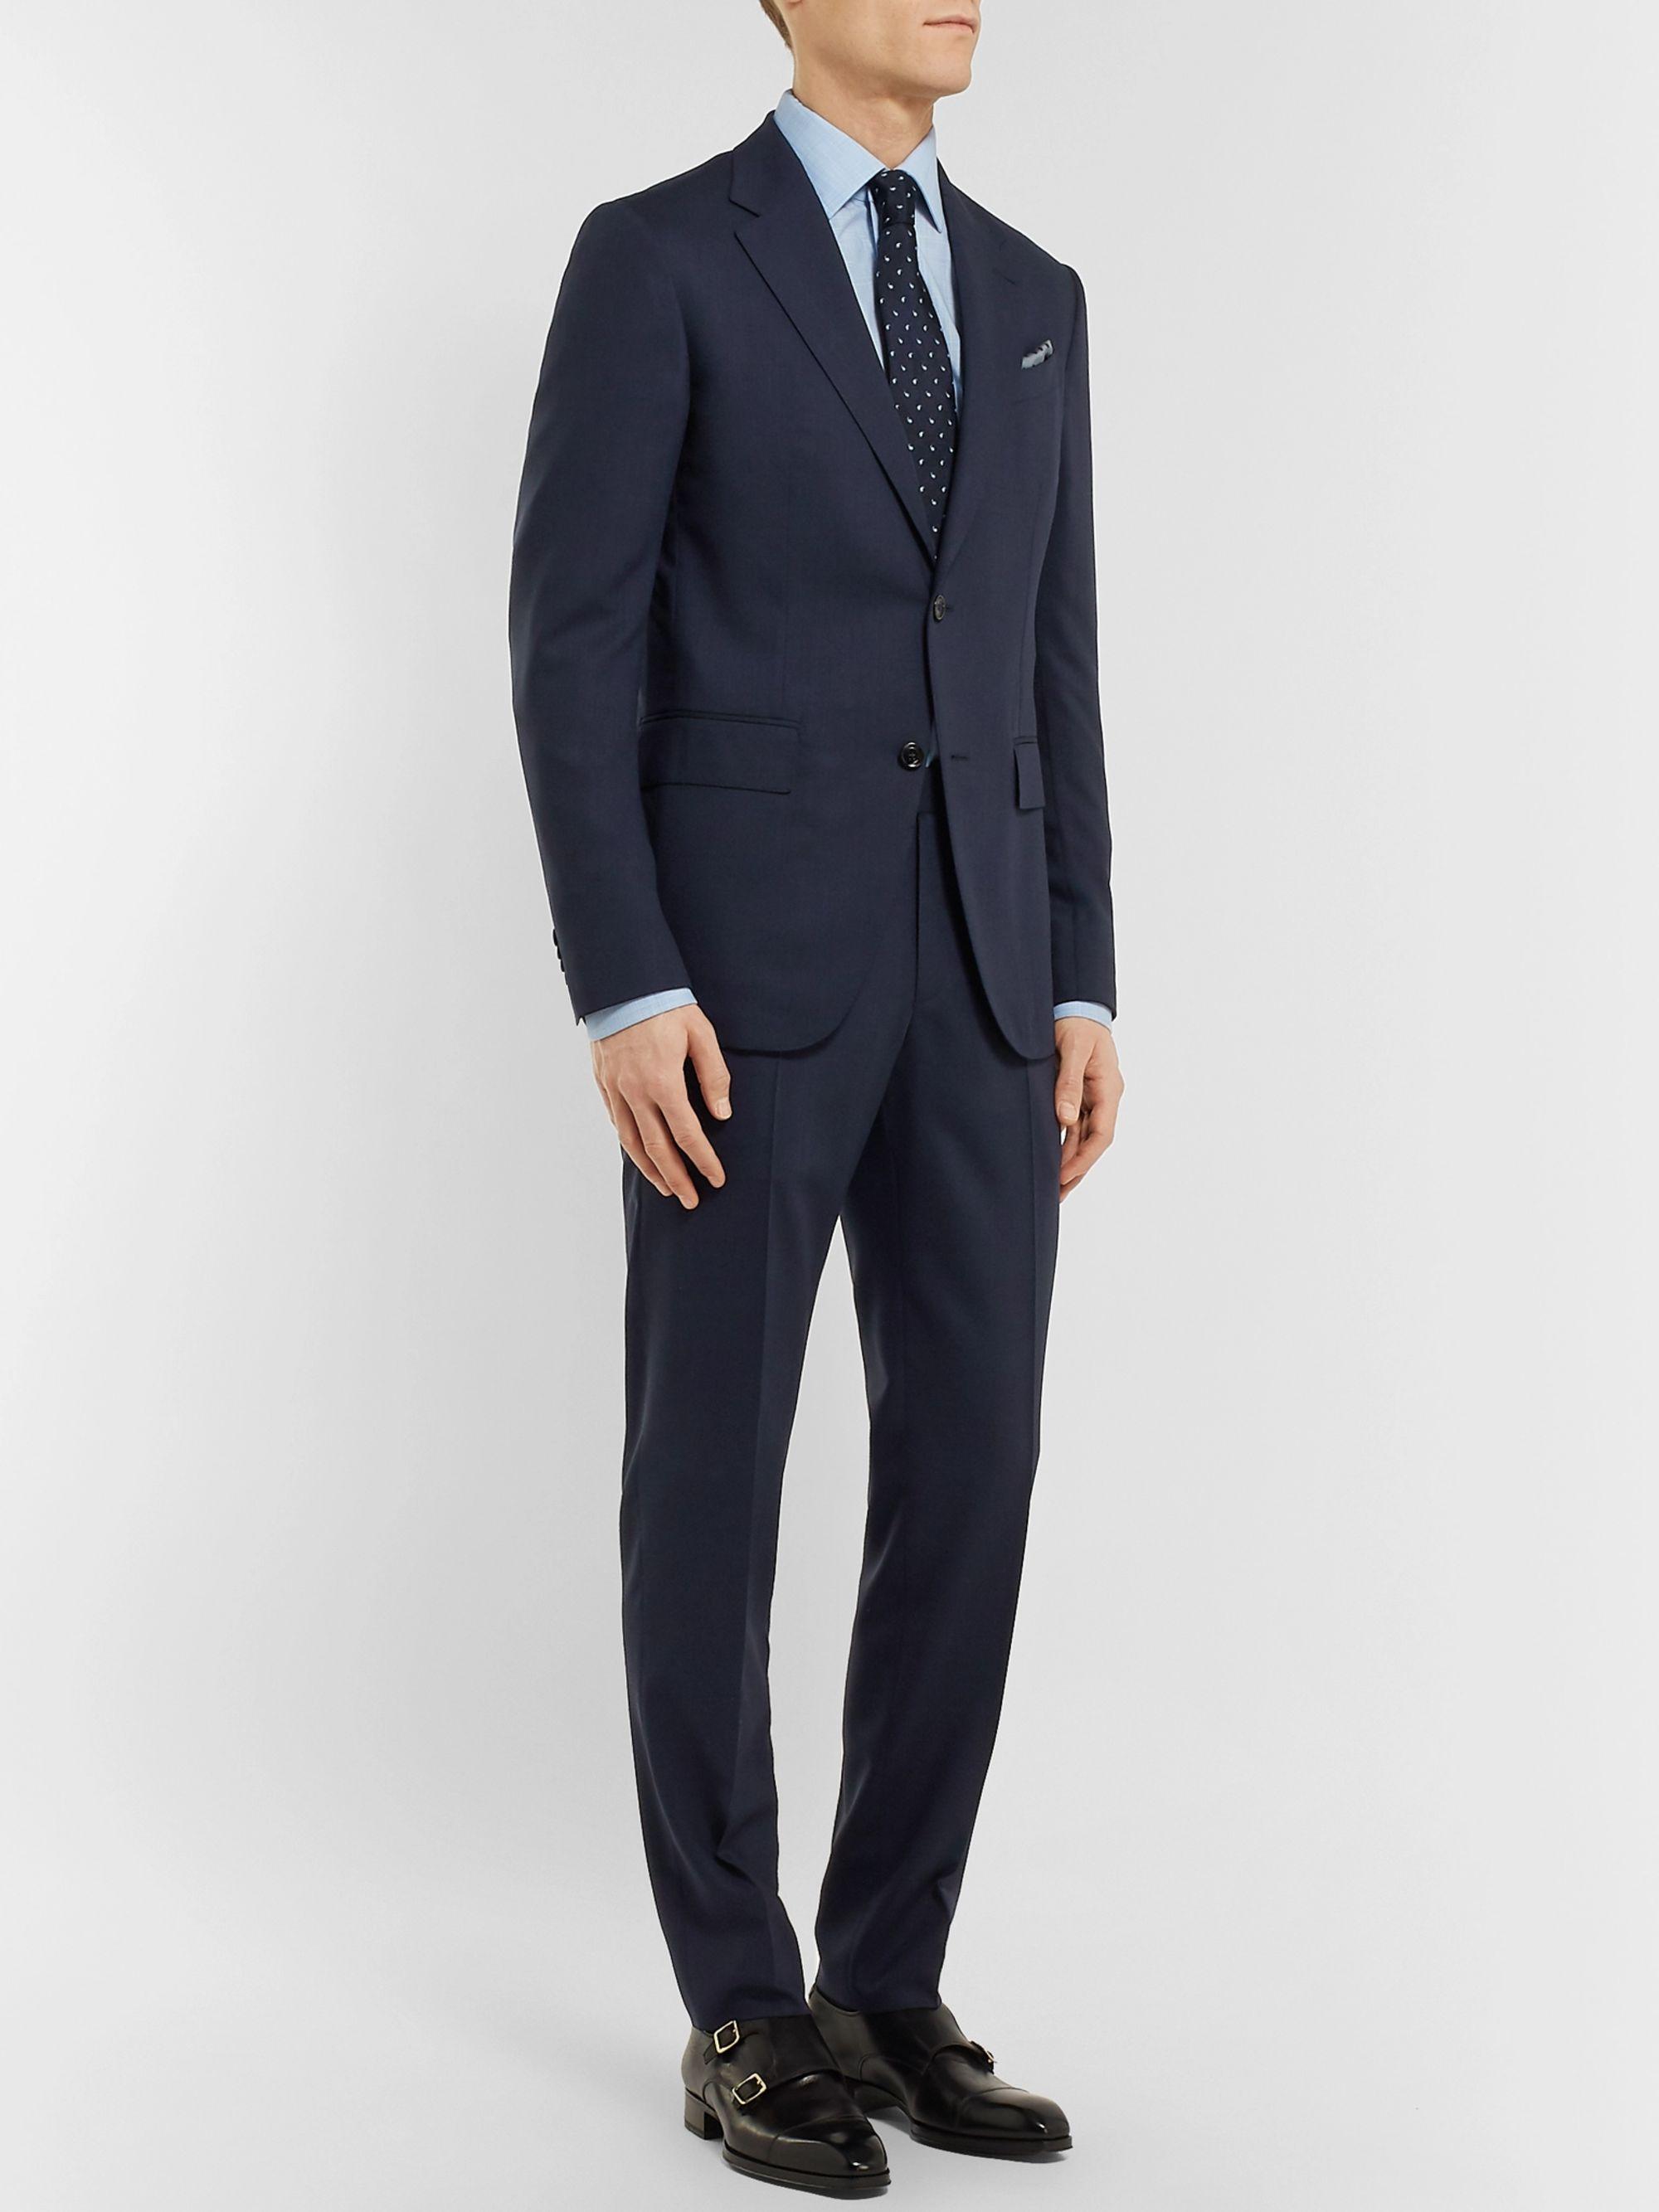 387a0bd4 Navy Packaway Slim-Fit Wool Suit